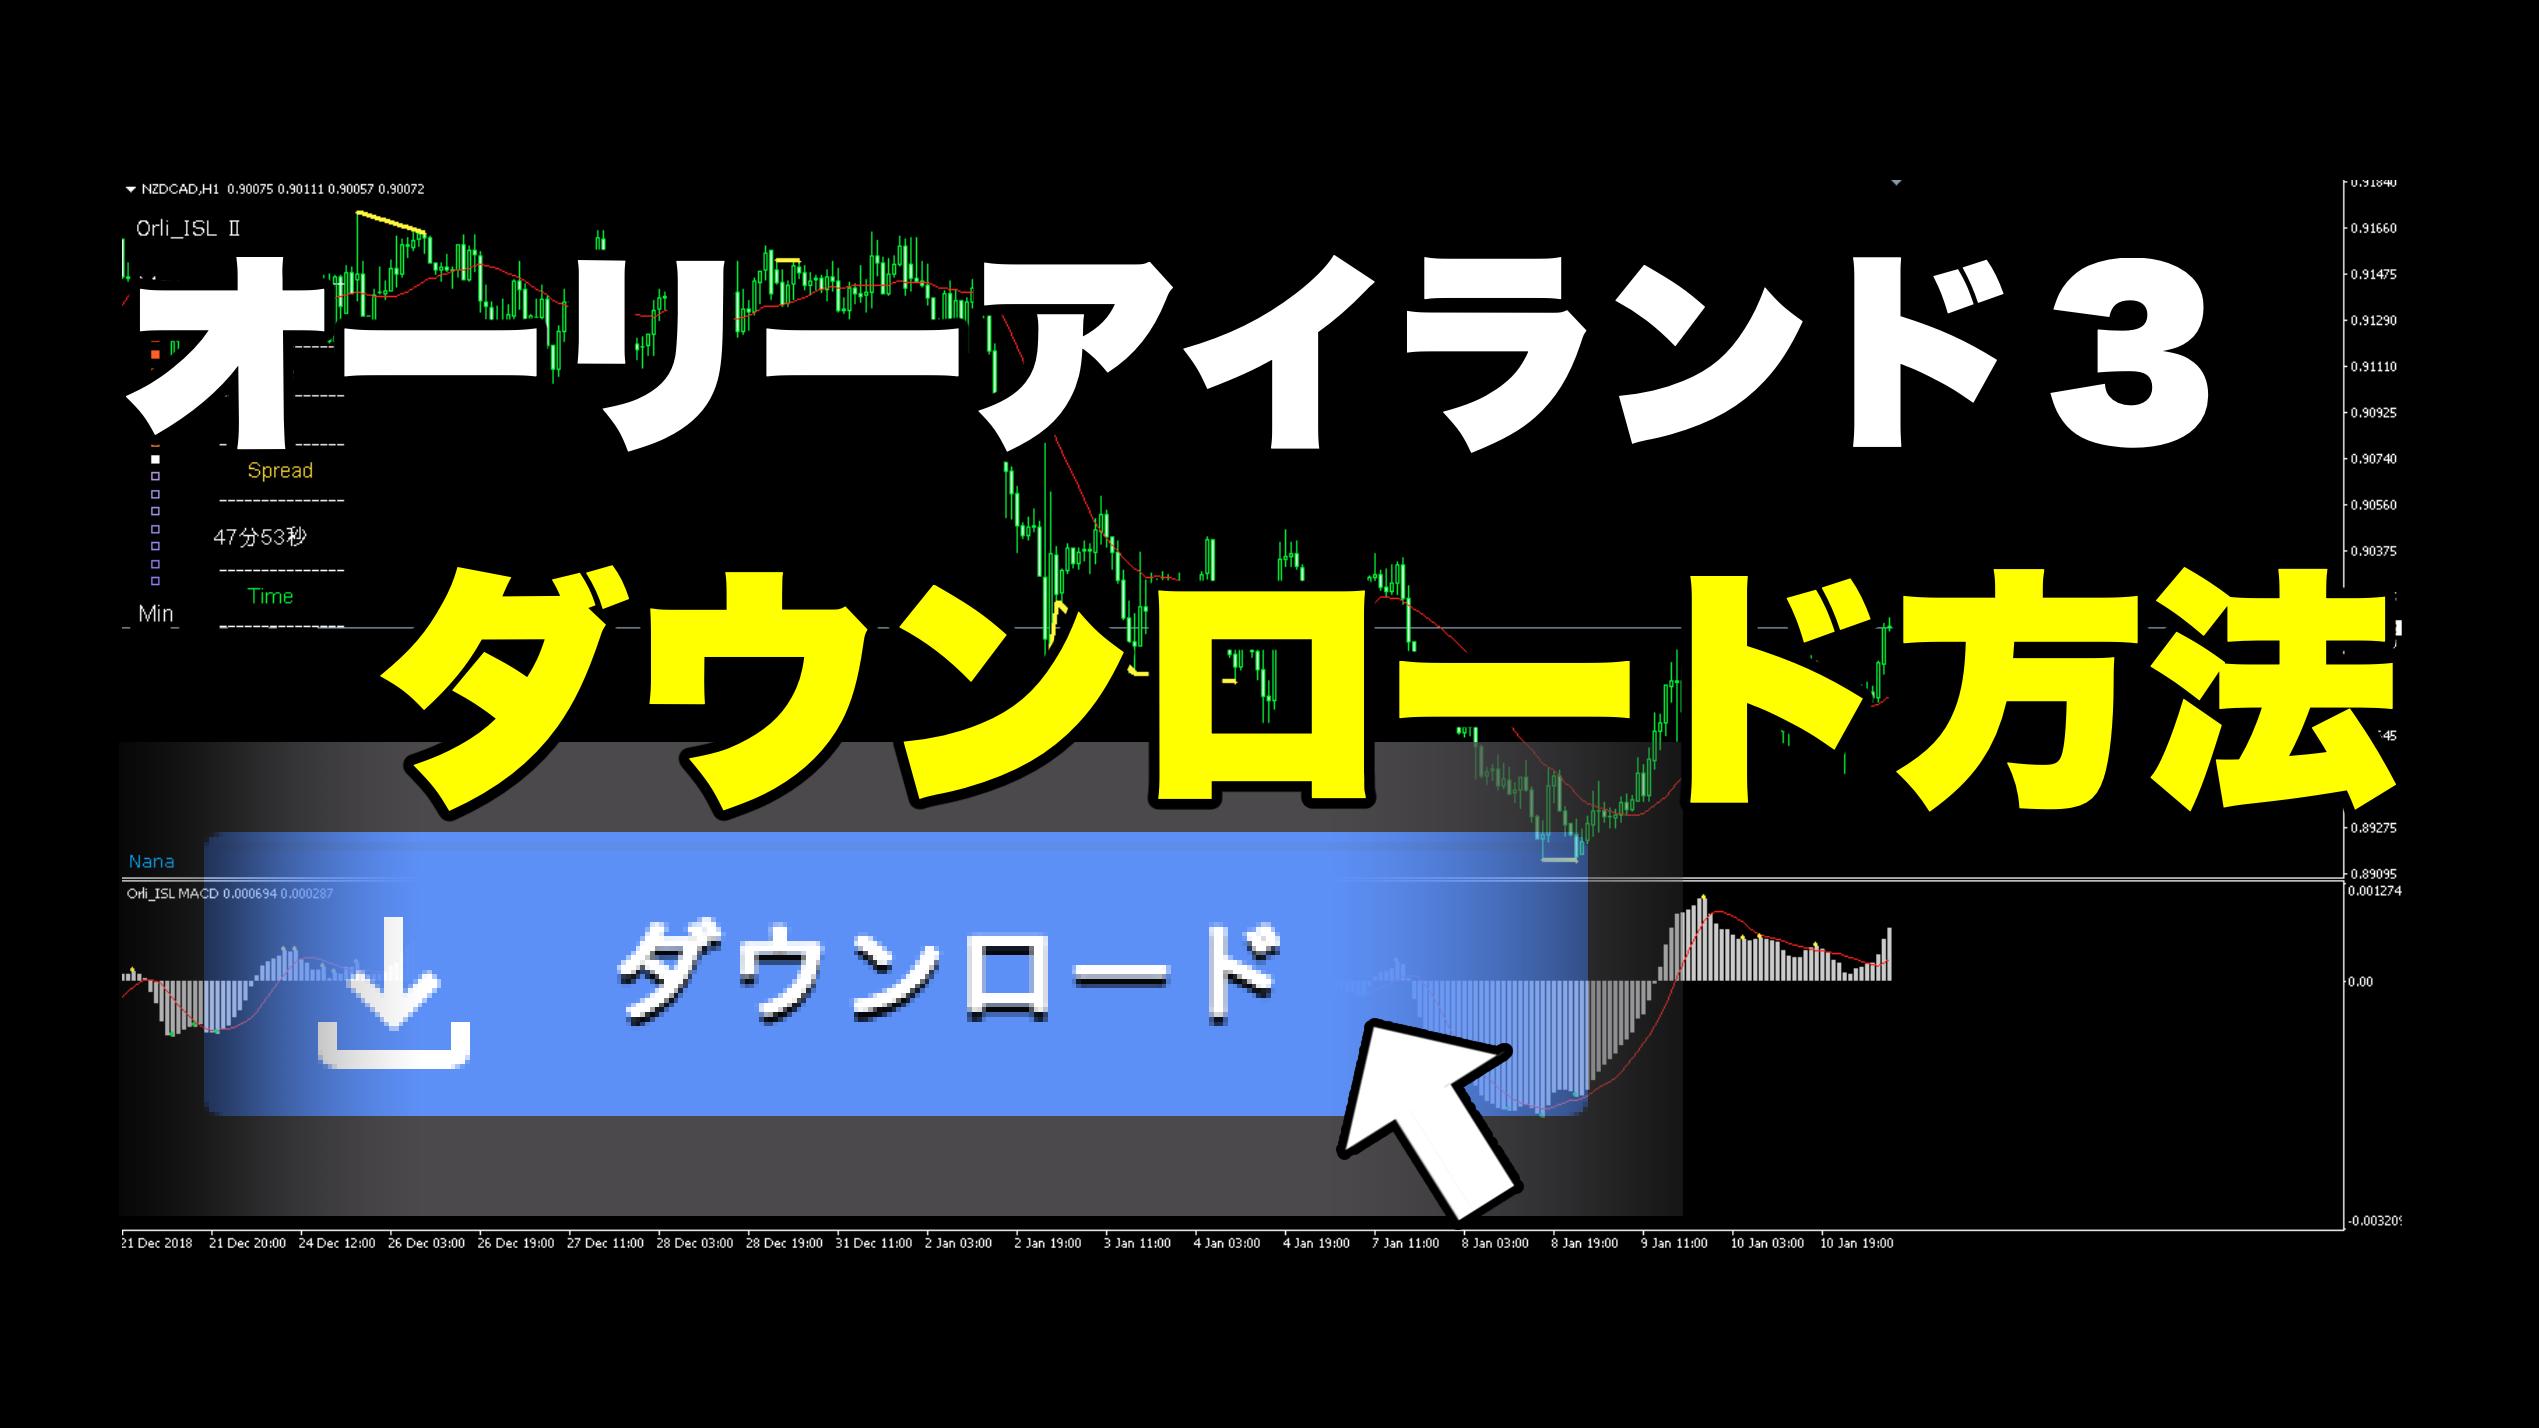 【オリスキャ】のダウンロード方法を簡単解説!/サインツール